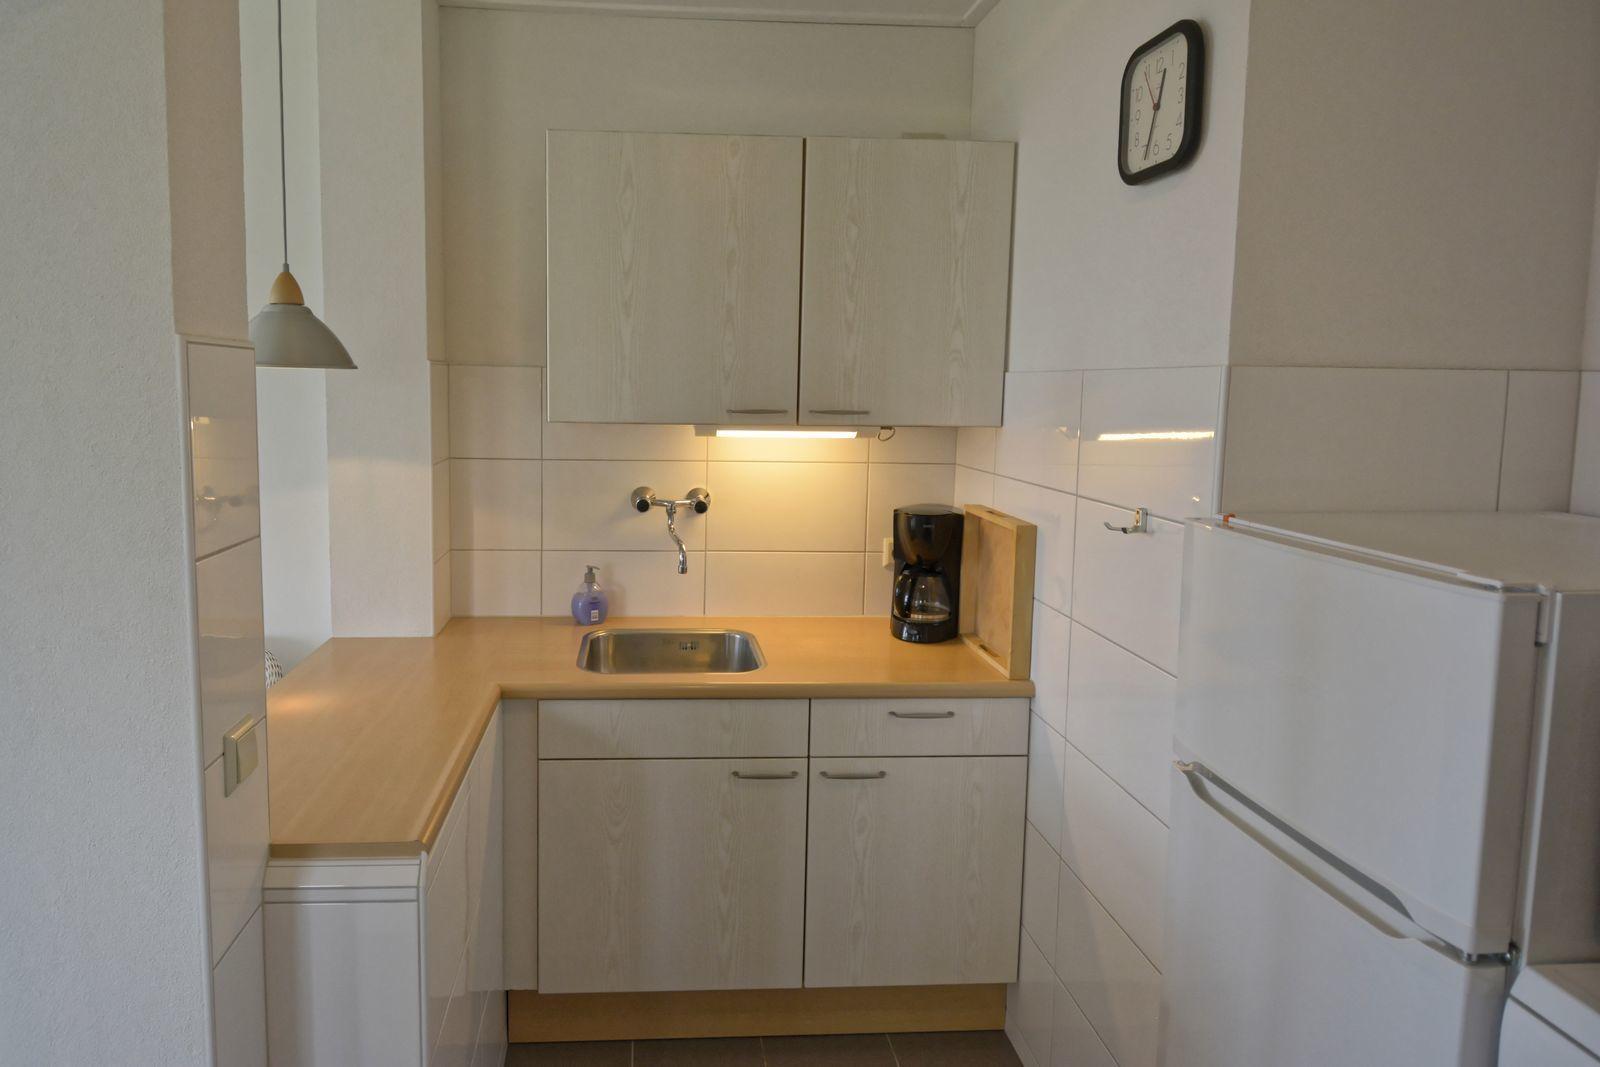 Holidayhouse- Blauwpoortseweg 7 | Zoutelande 'Duel'